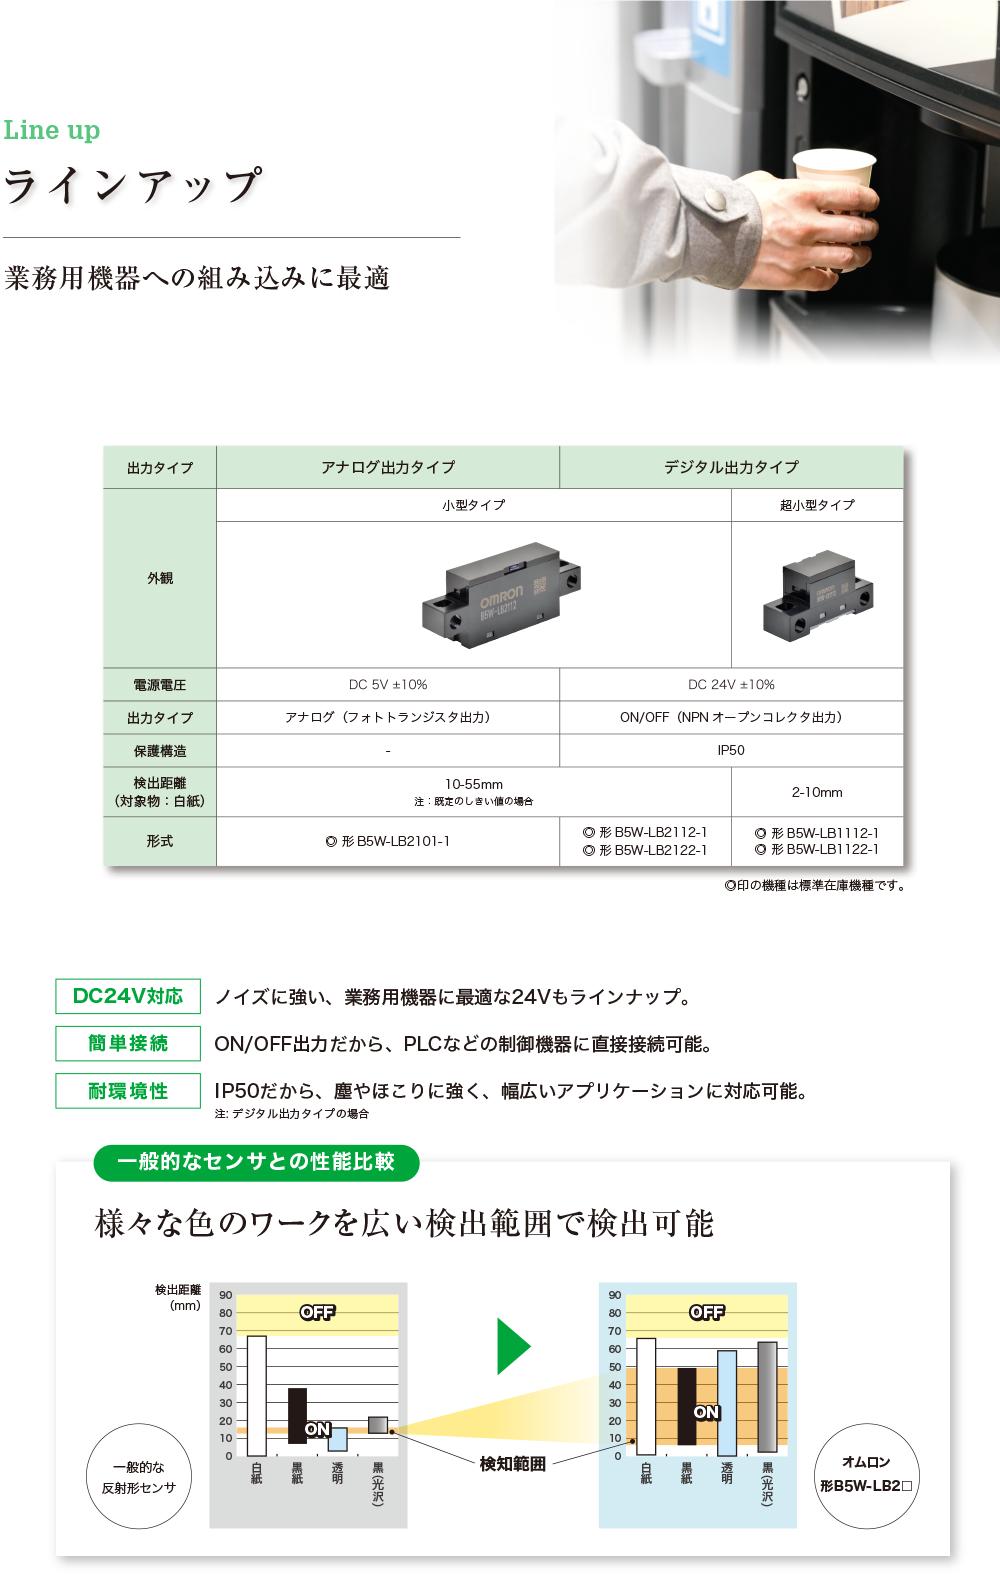 「ラインアップ」業務用機器への組み込みに最適 出力タイプアナログ出力タイプデジタル出力タイプ外観小型タイプ超小型タイプ電源電圧DC5V±10%DC24V±10%出力タイプアナログ(フォトトランジスタ出力)ON/OFF(NPNオープンコレクタ出力)保護構造なしIP50検出距離(対象物:白紙)10-55mm 注:既定のしきい値の場合2-10mm形式形B5W-LB2101-1形B5W-LB2112-1形B5W-LB2122-1形B5W-LB1112-1形B5W-LB1122-1「DC24V対応」ノイズに強い、業務用機器に最適な24Vもラインナップ。「簡単接続」ON/OFF出力だから、PLCなどの制御機器に直接接続可能。「耐環境性」IP50だから、塵やほこりに強く、幅広いアプリケーションに対応可能。注: デジタル出力タイプの場合「一般的なセンサとの性能比較」様々な色のワークを広い検出範囲で検出可能